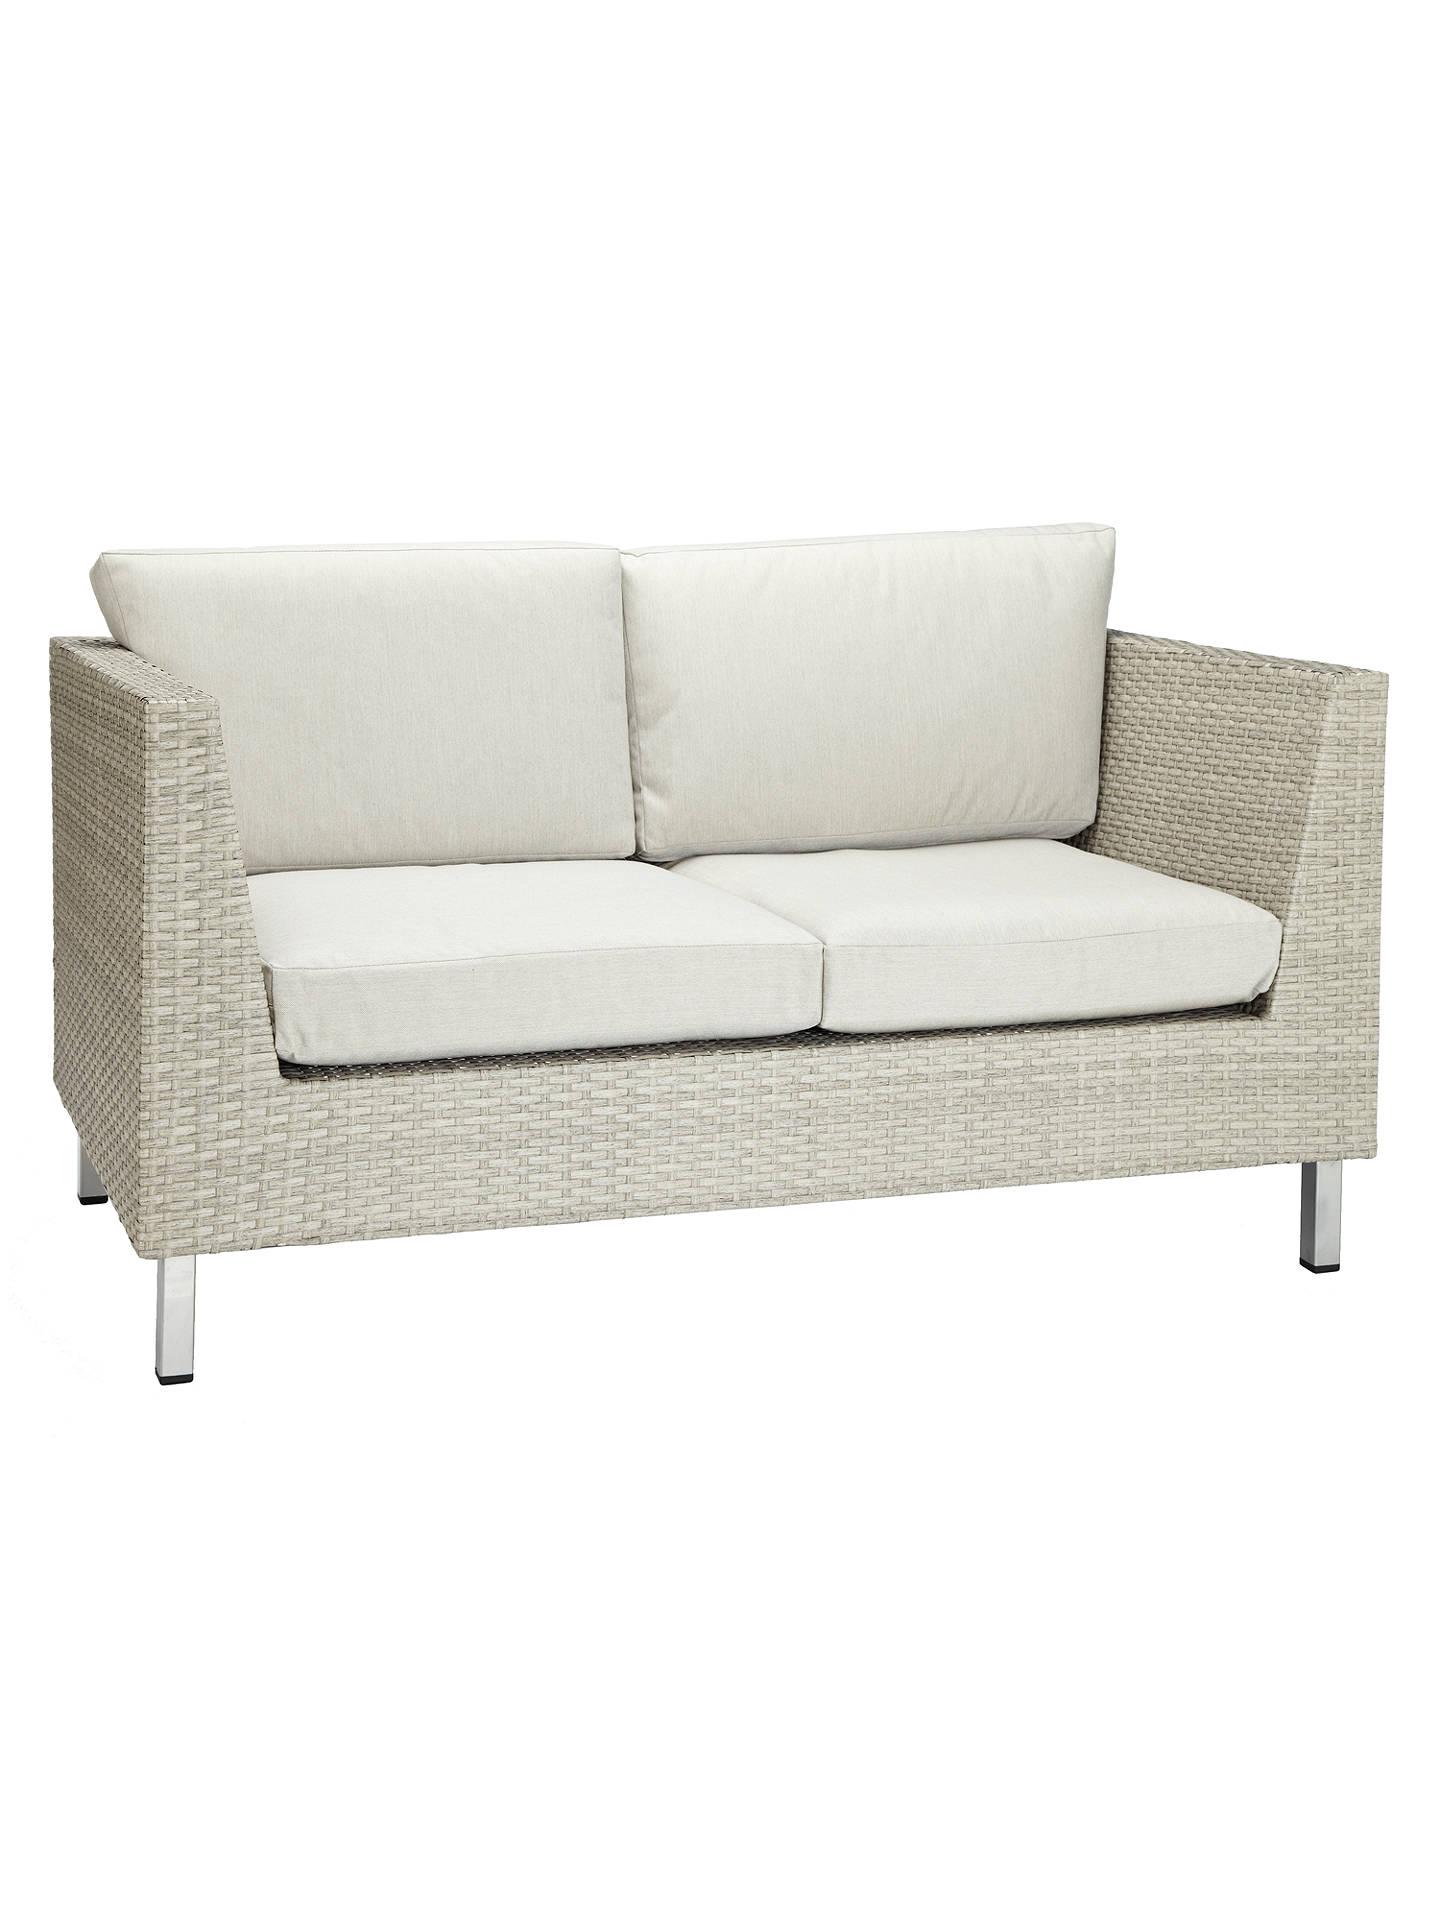 BuyJohn Lewis U0026 Partners Madrid 2 Seater Outdoor Sofa, Grey Marl Online At  Johnlewis.